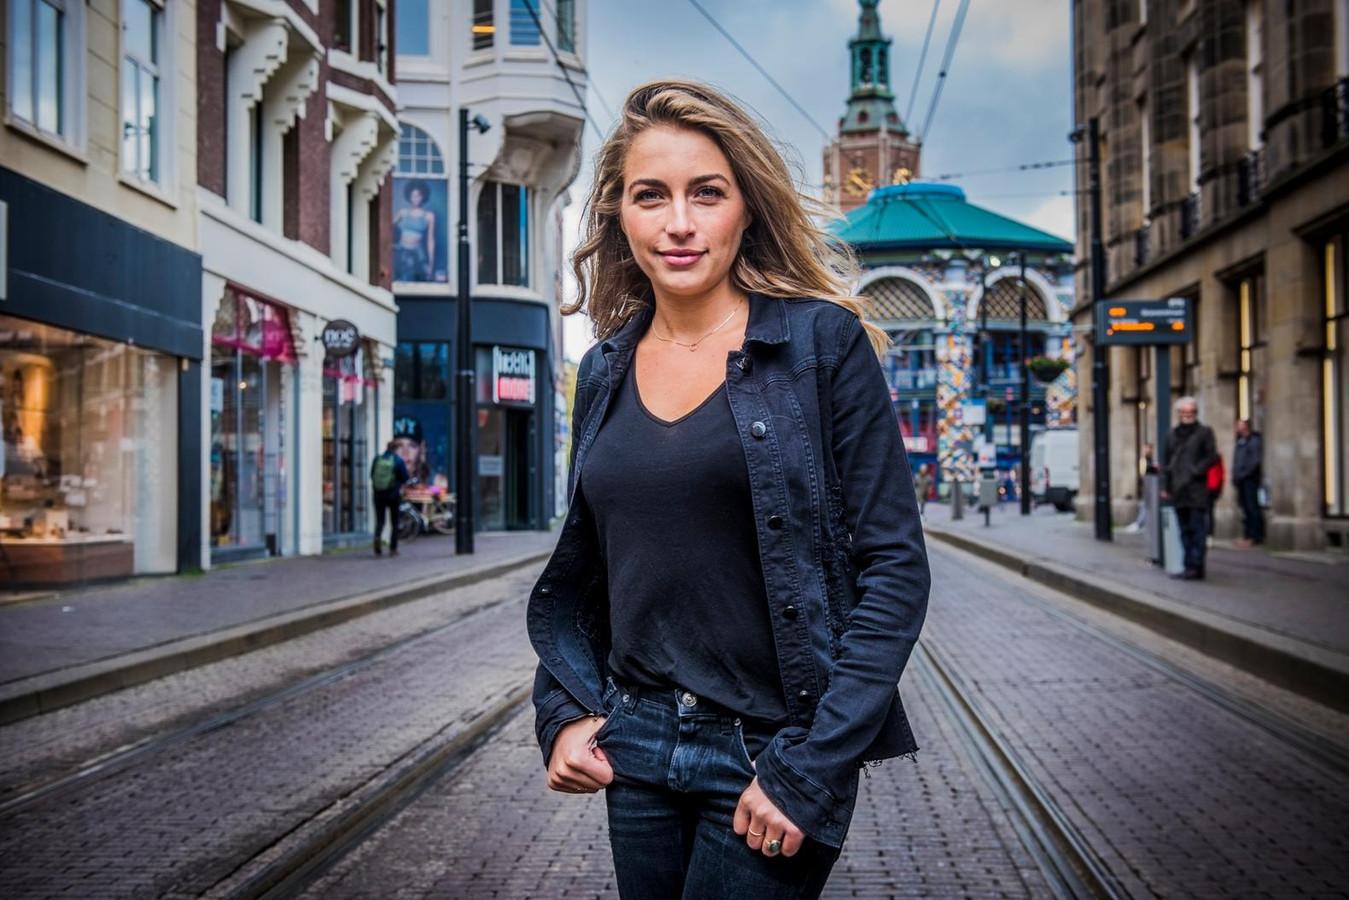 Droom komt uit bij 'Boulevard' | Foto | AD.nl